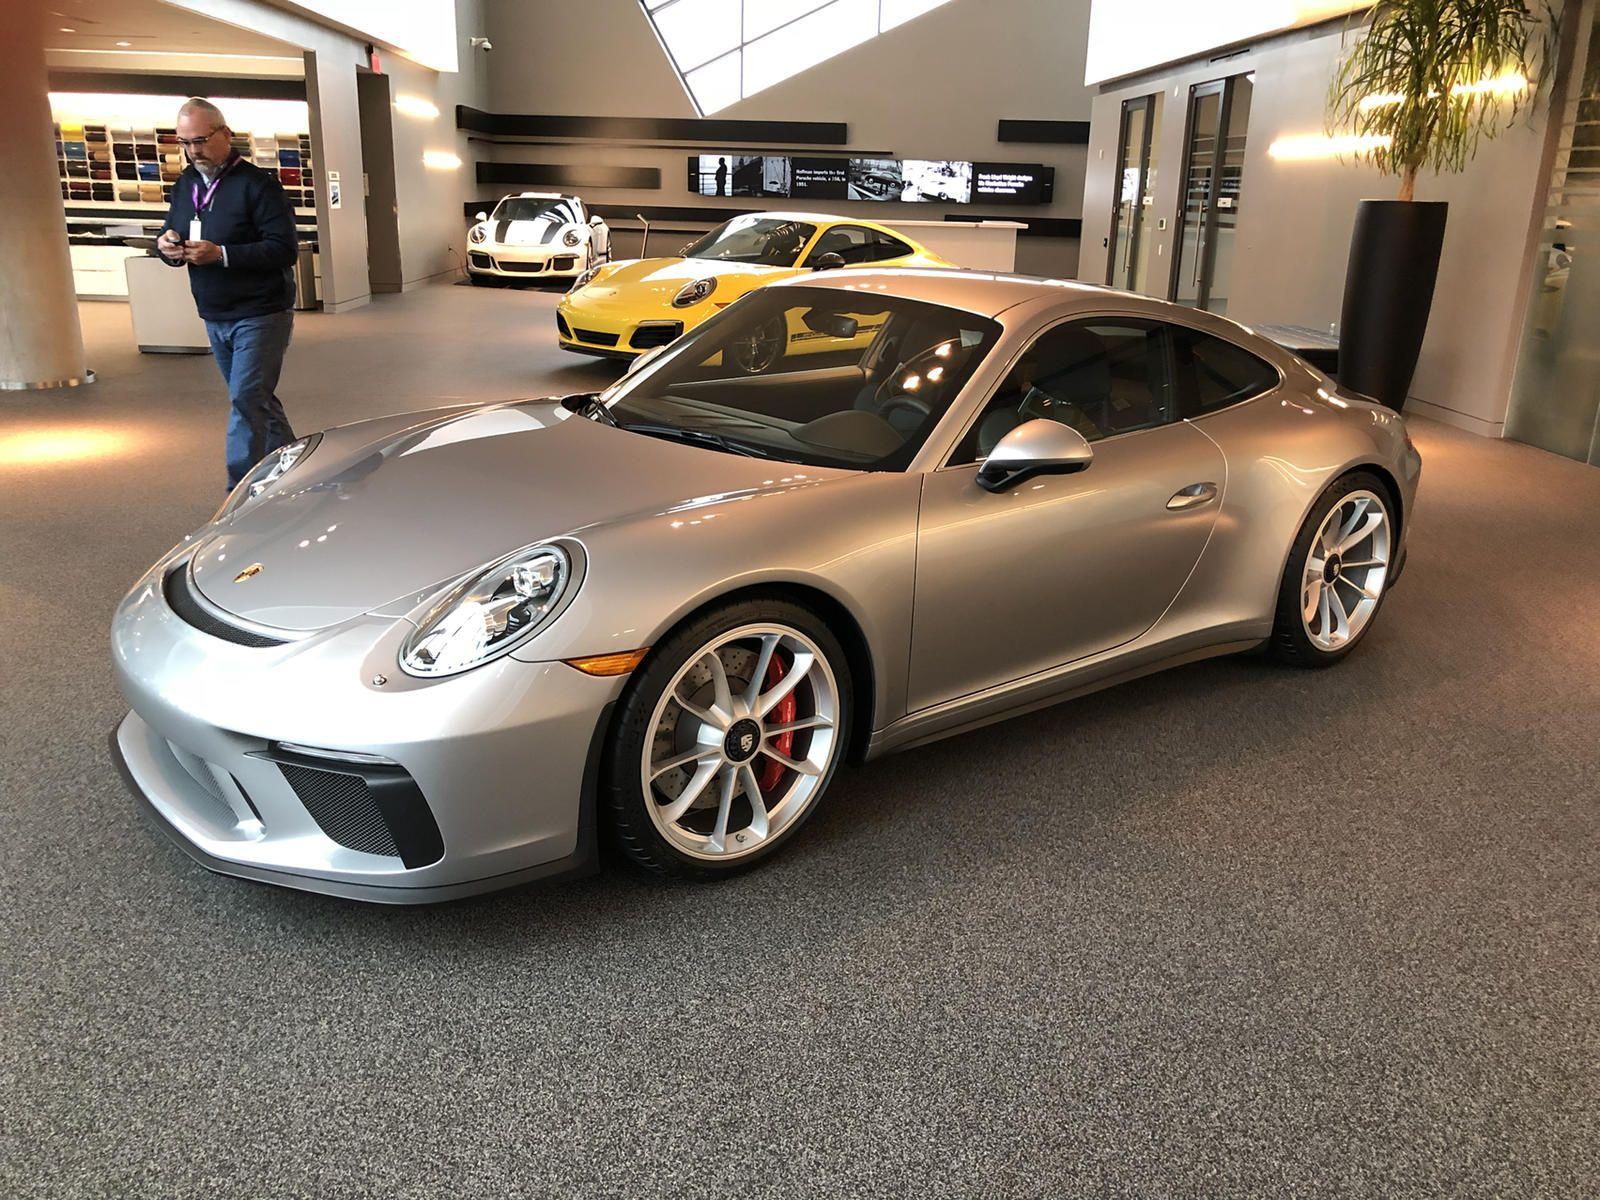 The Official Gt3 Touring Owners Pictures Thread Page 4 Rennlist Porsche Discussion Forums Porsche Gt Porsche Porsche Cars